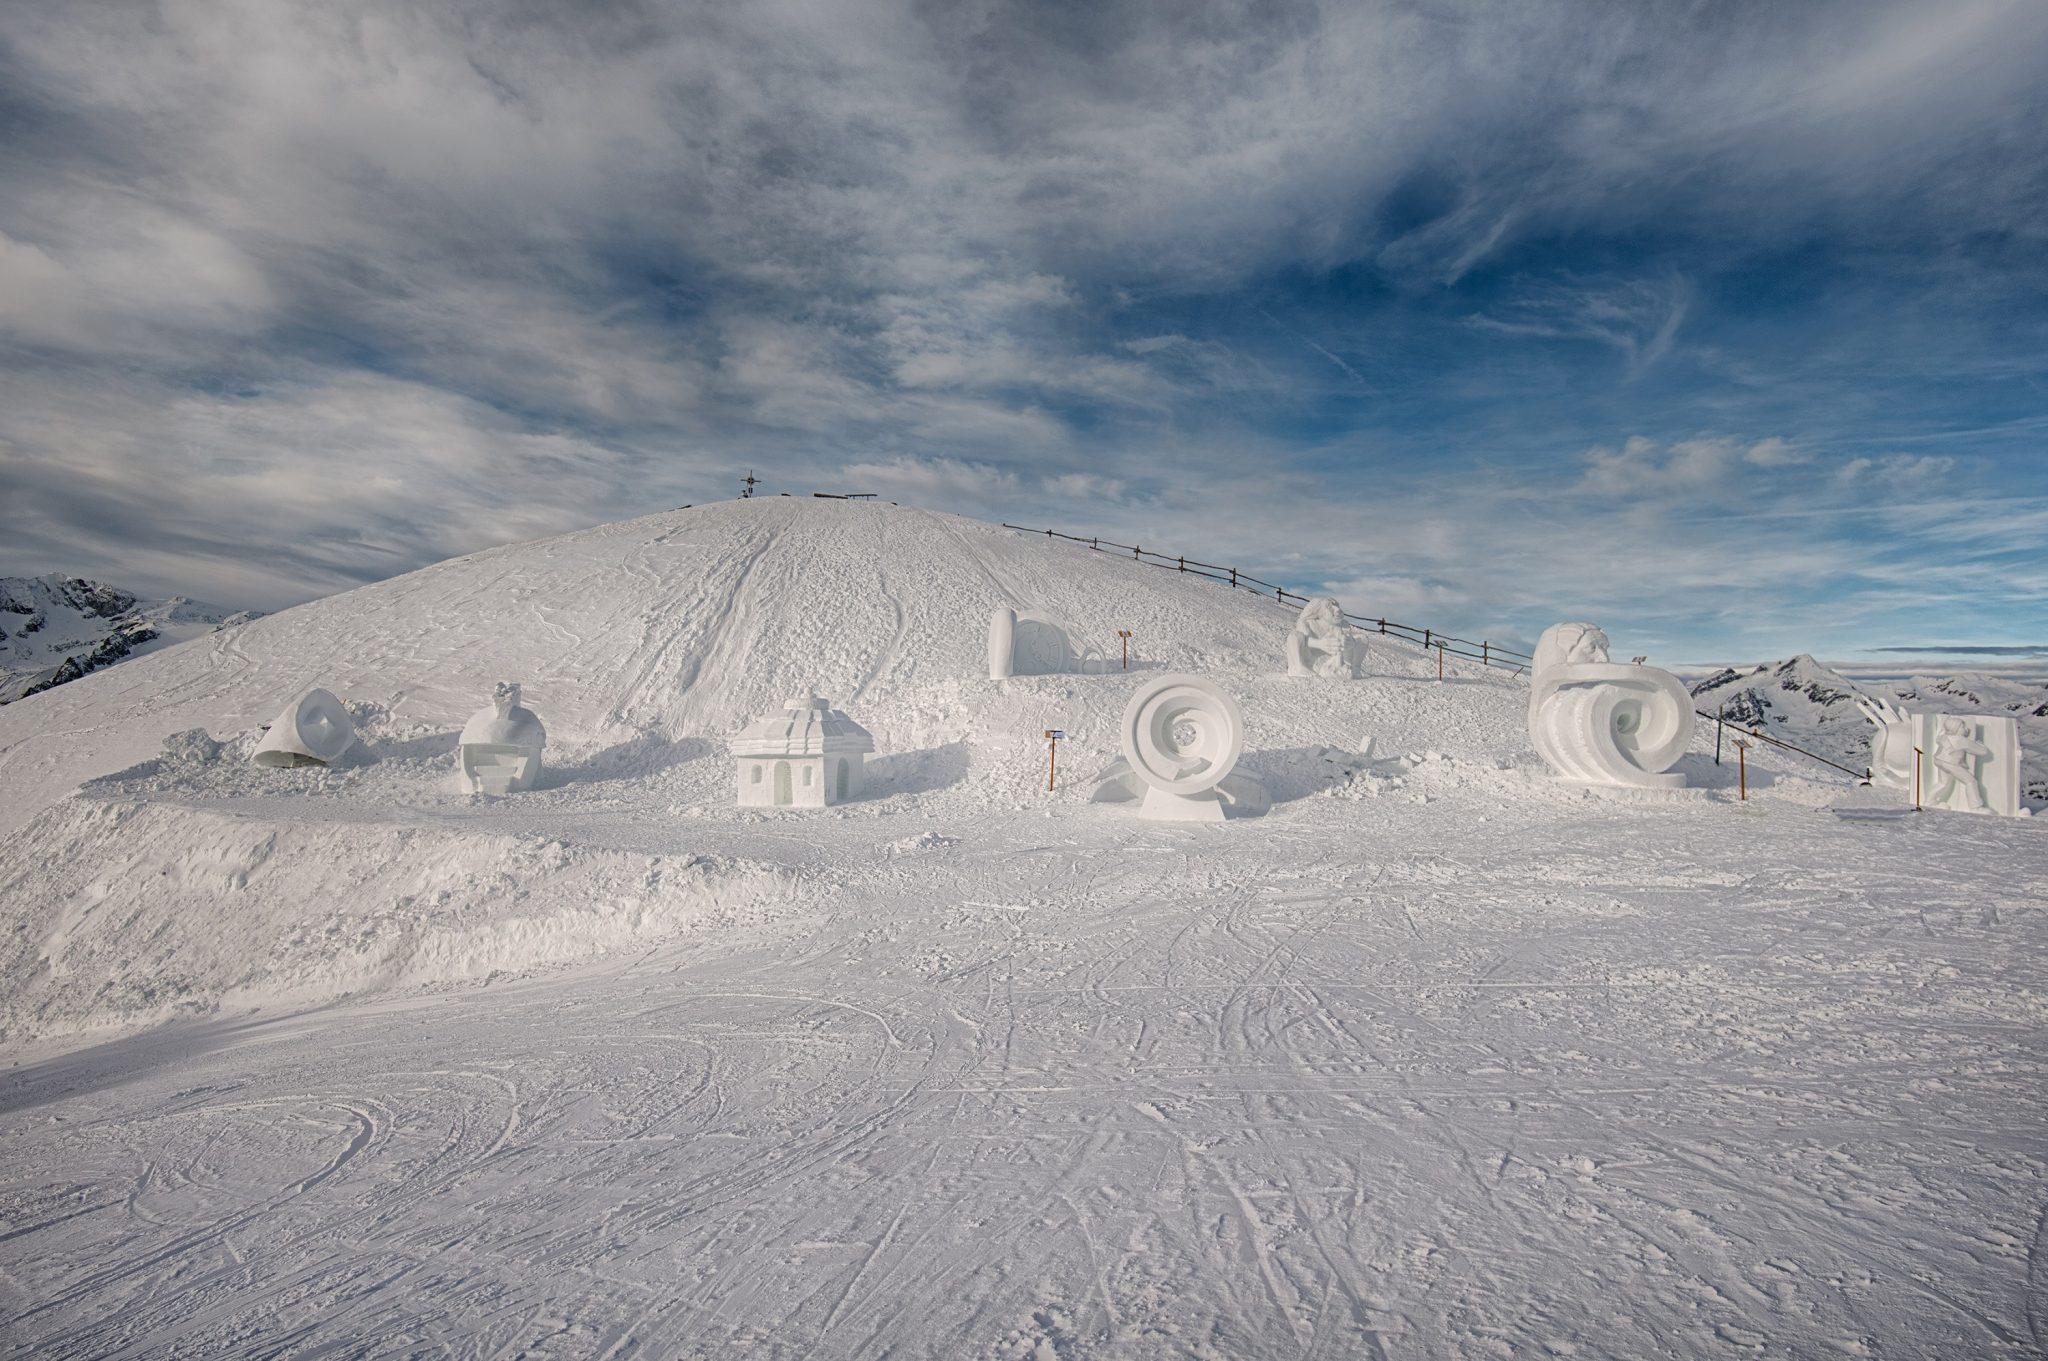 beeindruckende_eisskulpturen_-_ice_games_ahrntal_c_filippo_galluzzi_tourismusverein_ahrntal